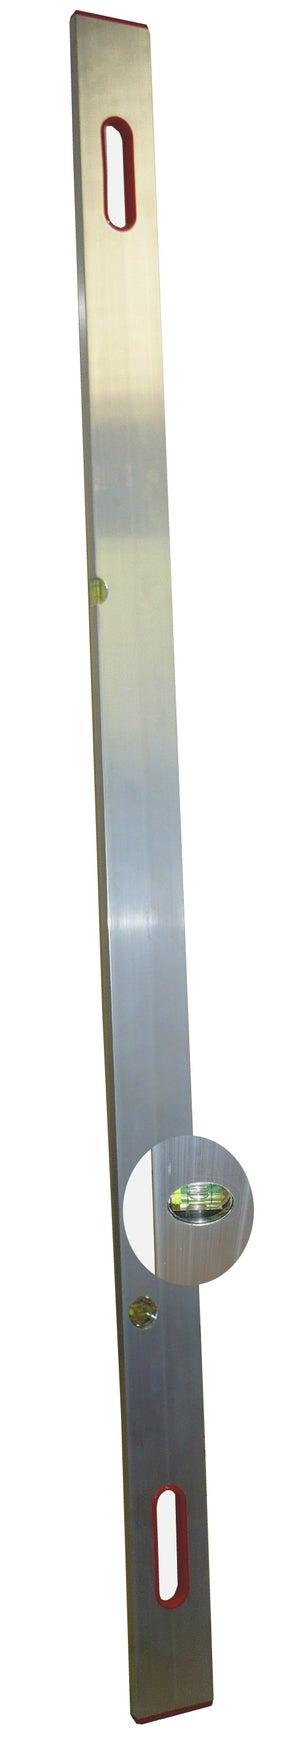 Règle Sans Embout Perrin 300 Cm